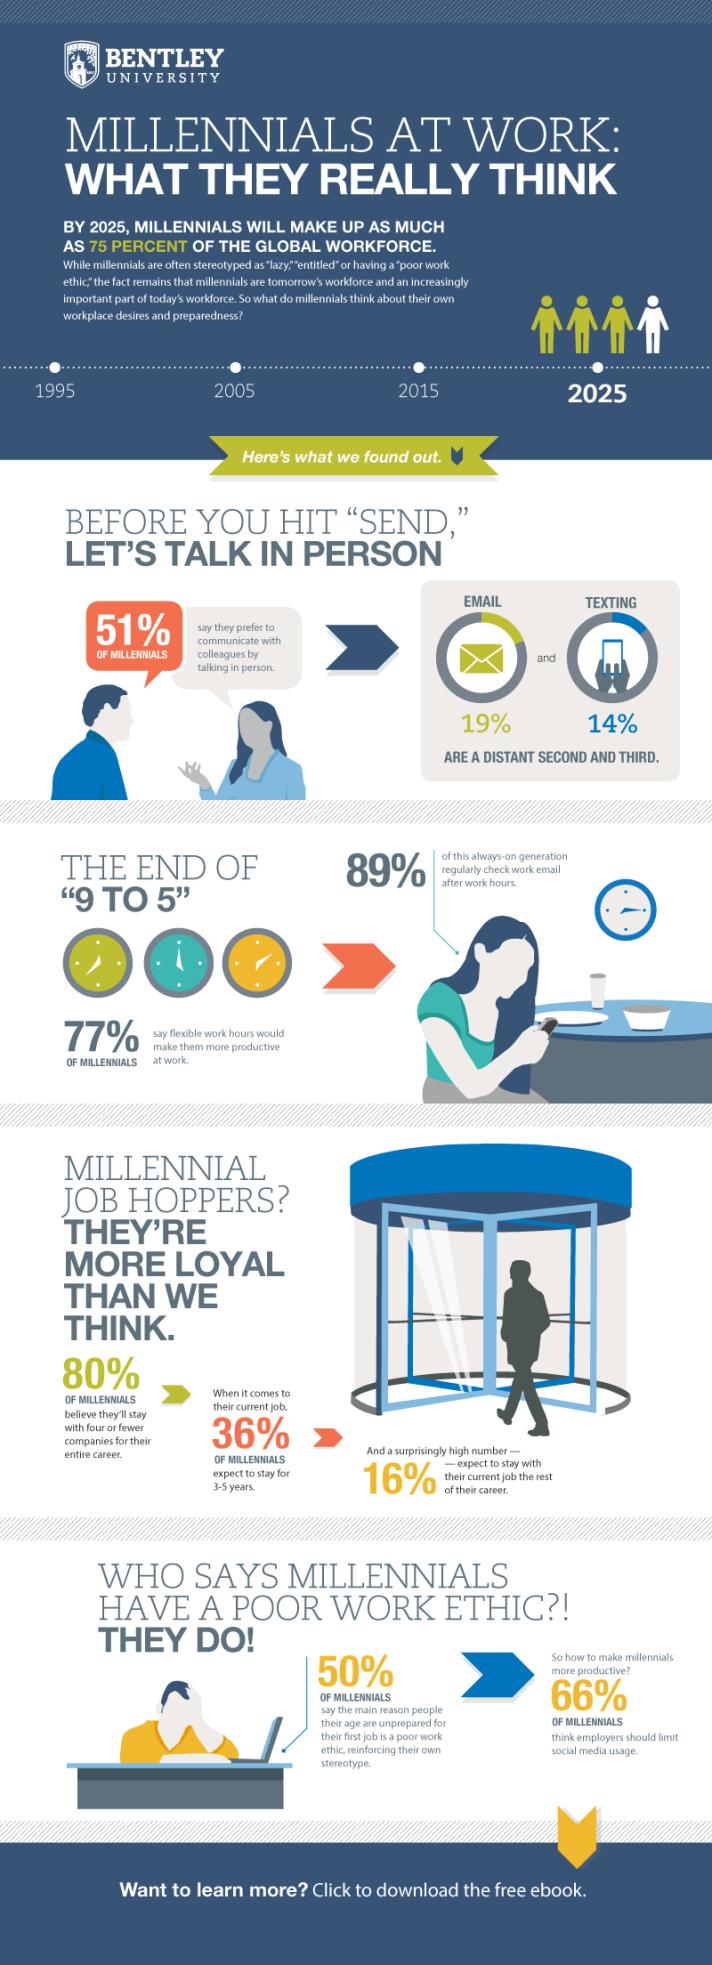 millennials_at_work8